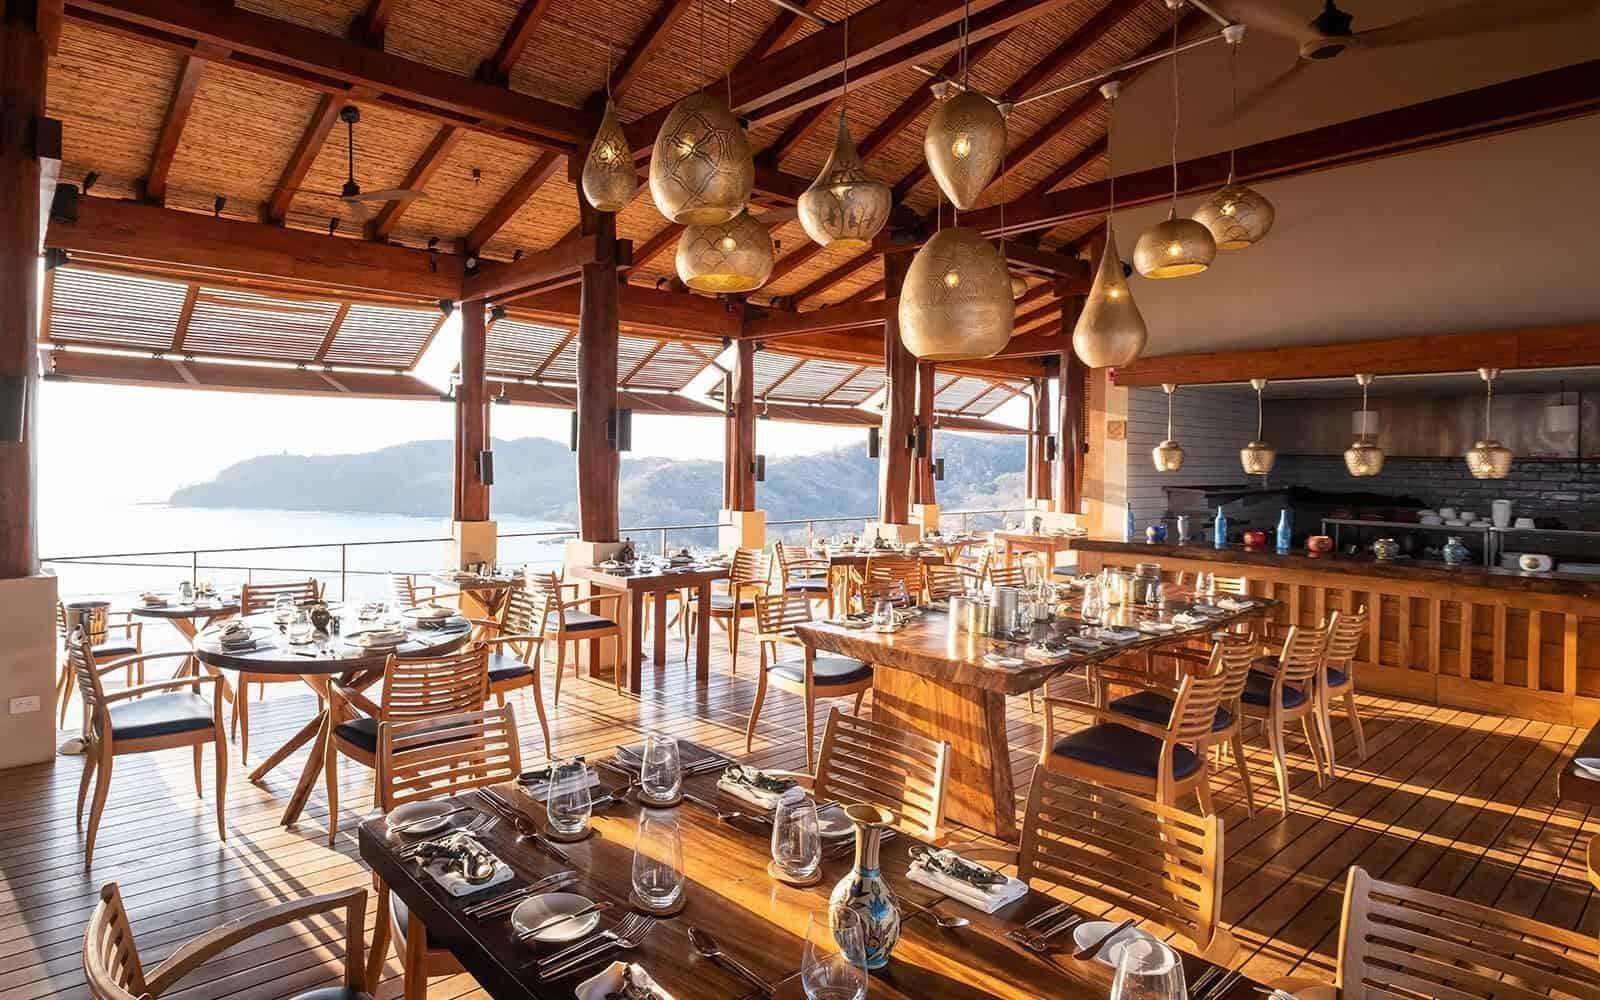 Restaurant Las Catalinas In Costa Rica